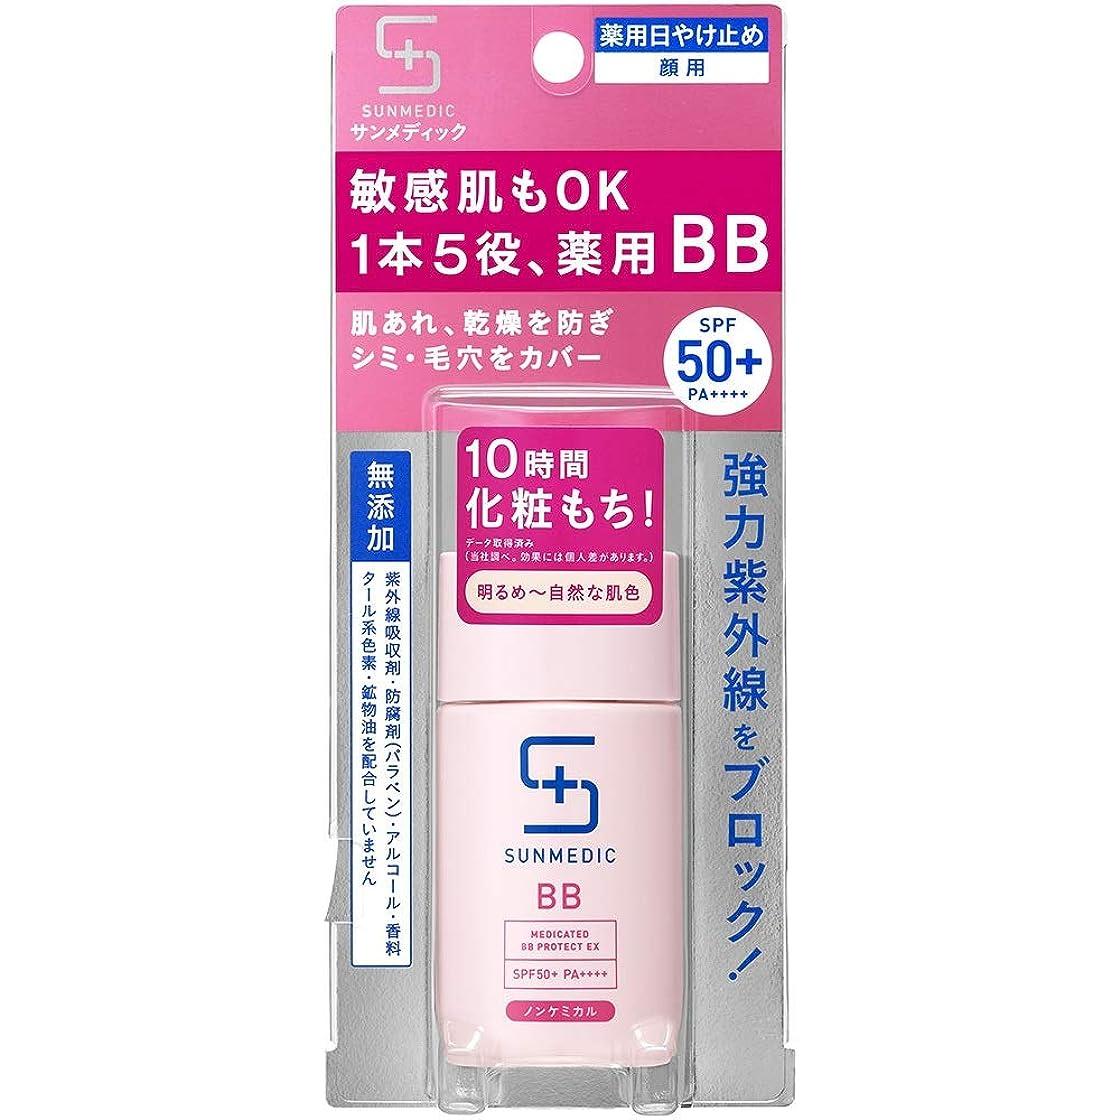 いちゃつく不快事業内容サンメディックUV 薬用BBプロテクトEX ライト 30ml (医薬部外品)